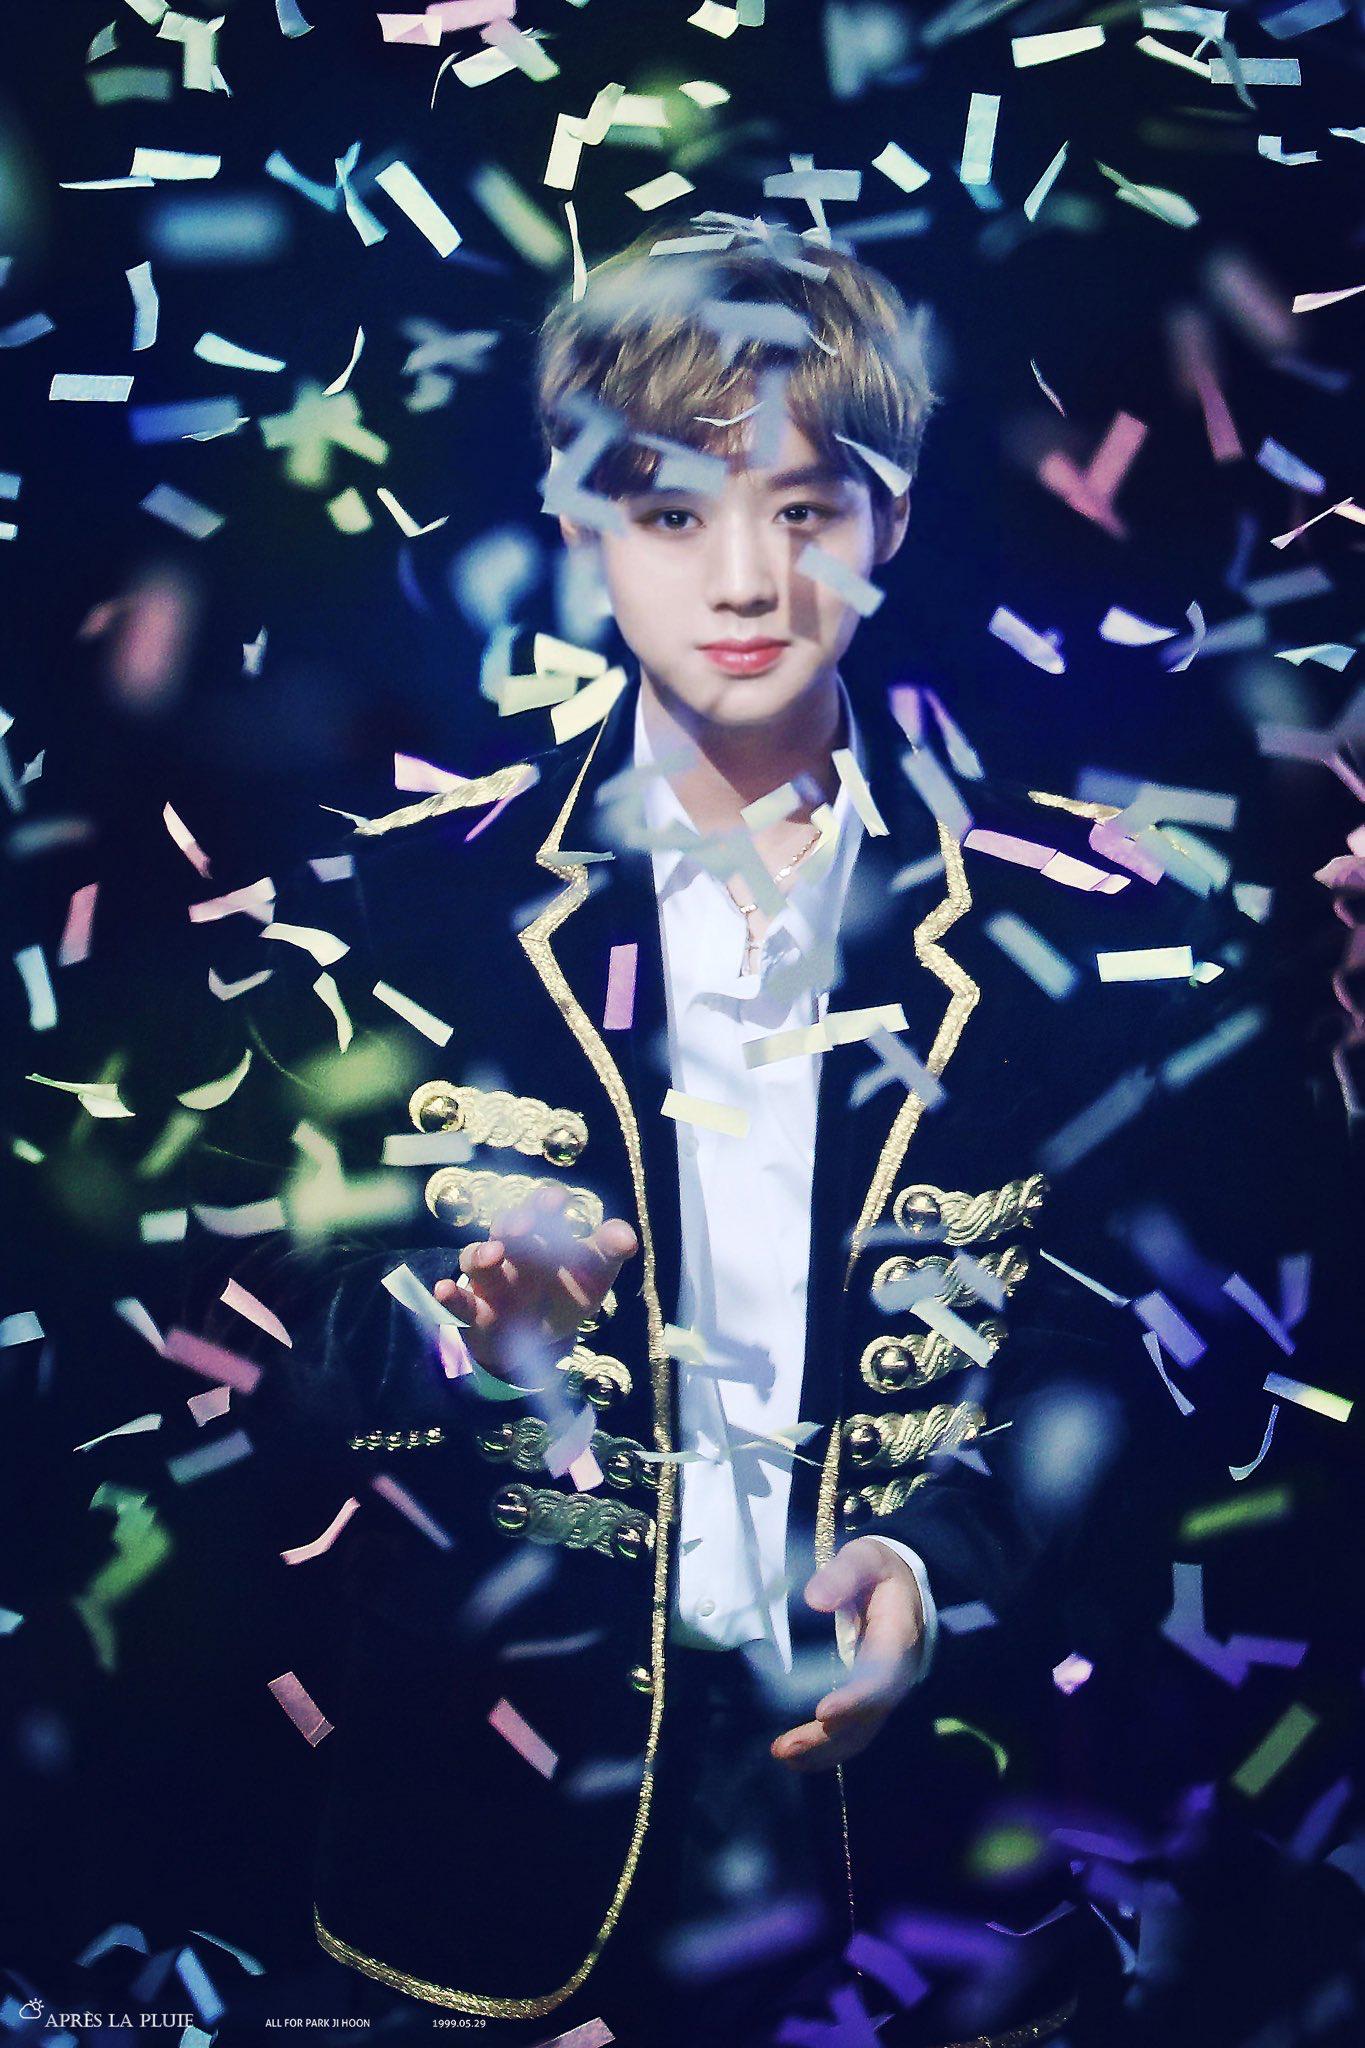 Sao Kpop với người bạn pháo giấy trên sân khấu: Người đẹp xuất thần, kẻ thất thần khiến fan không nhịn nổi cười - Ảnh 5.